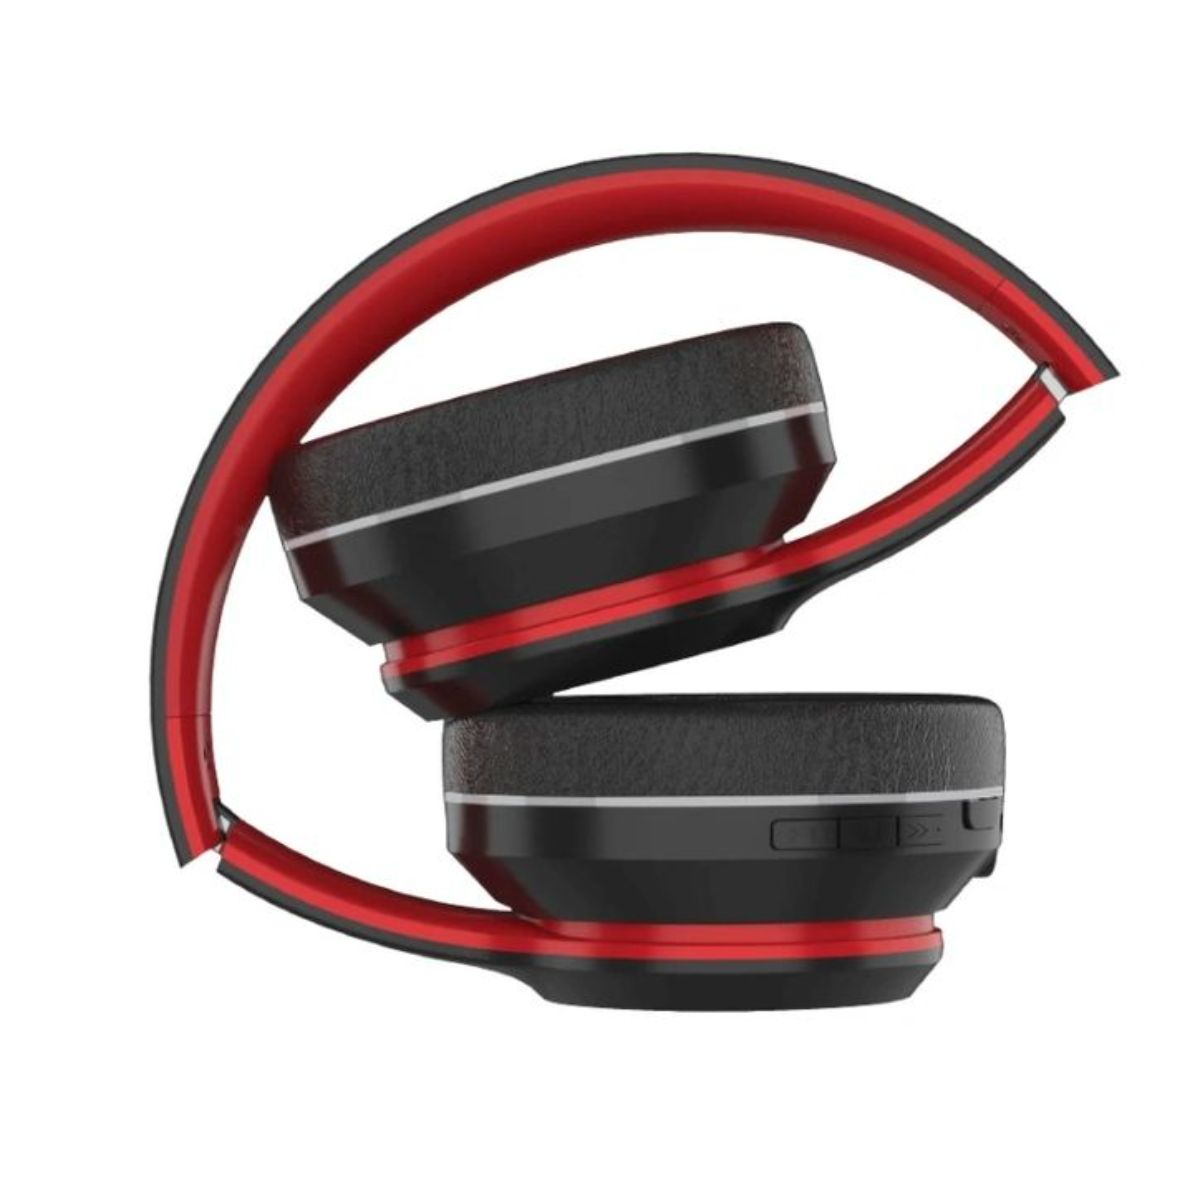 auriculares inalambricos urban 50 1 1